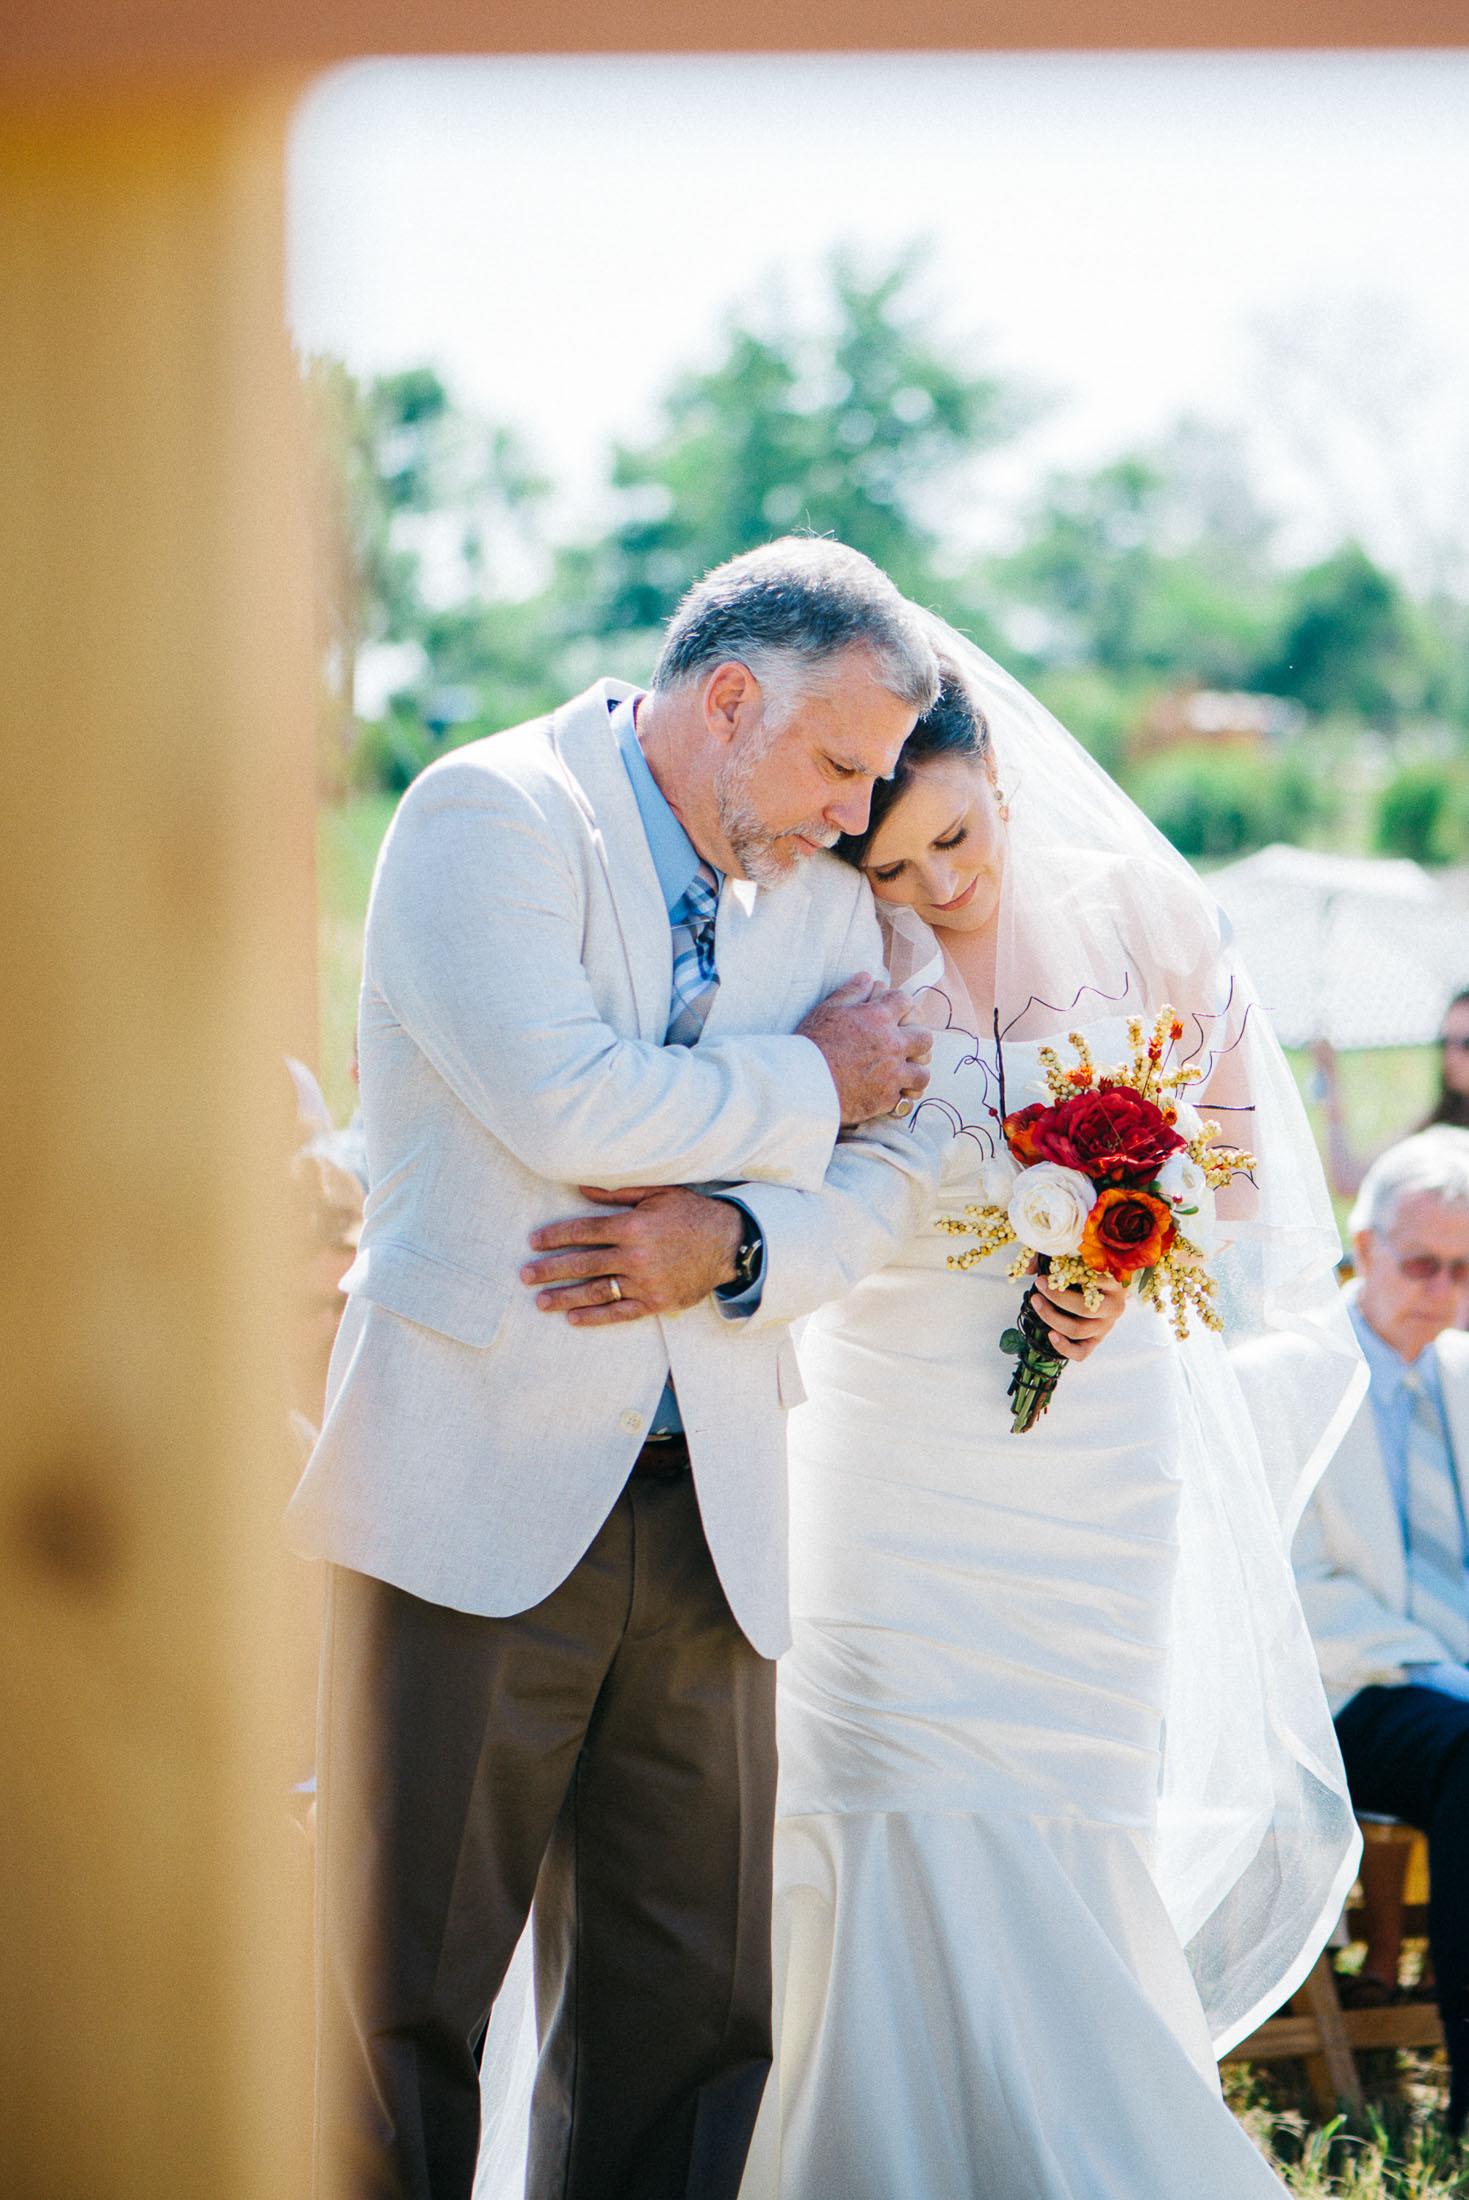 78elopement-photographer-colorado-colorado_mountain_wedding_photographer_meagan&chris_0848.jpg